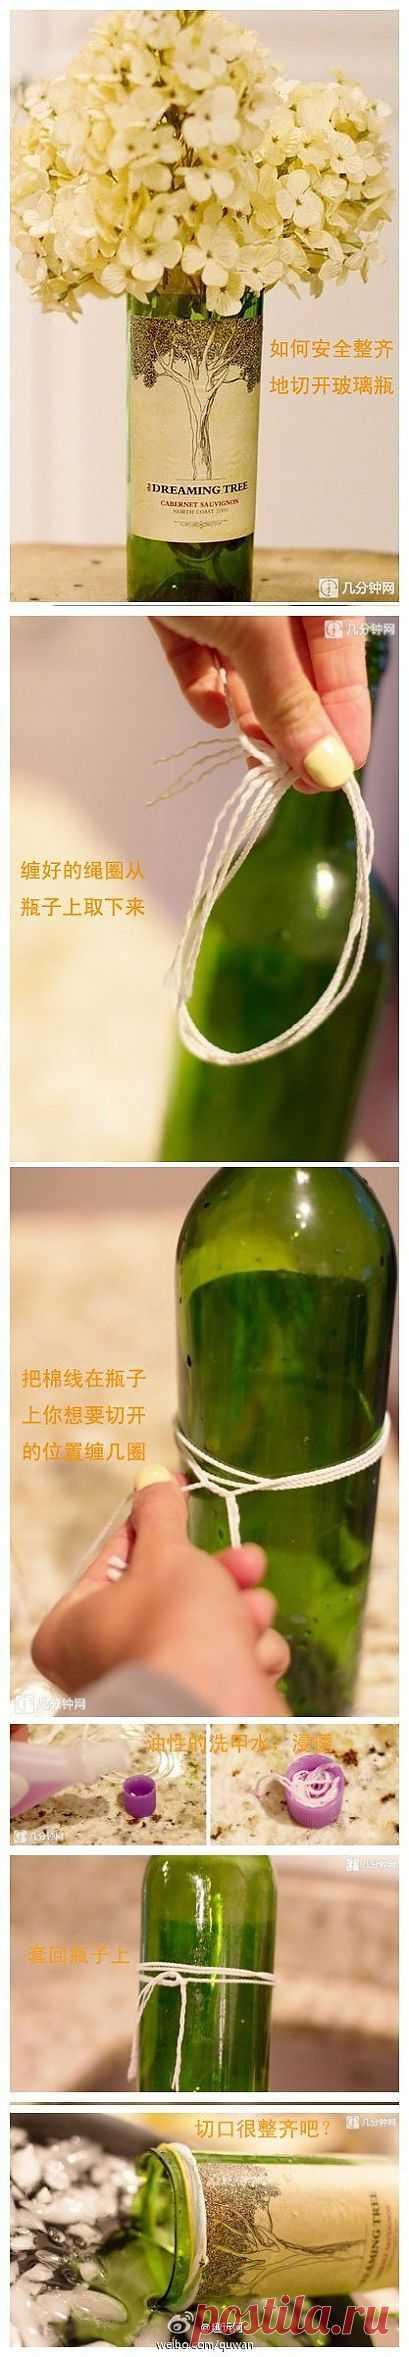 Как ровно разрезать стеклянную бутылку.